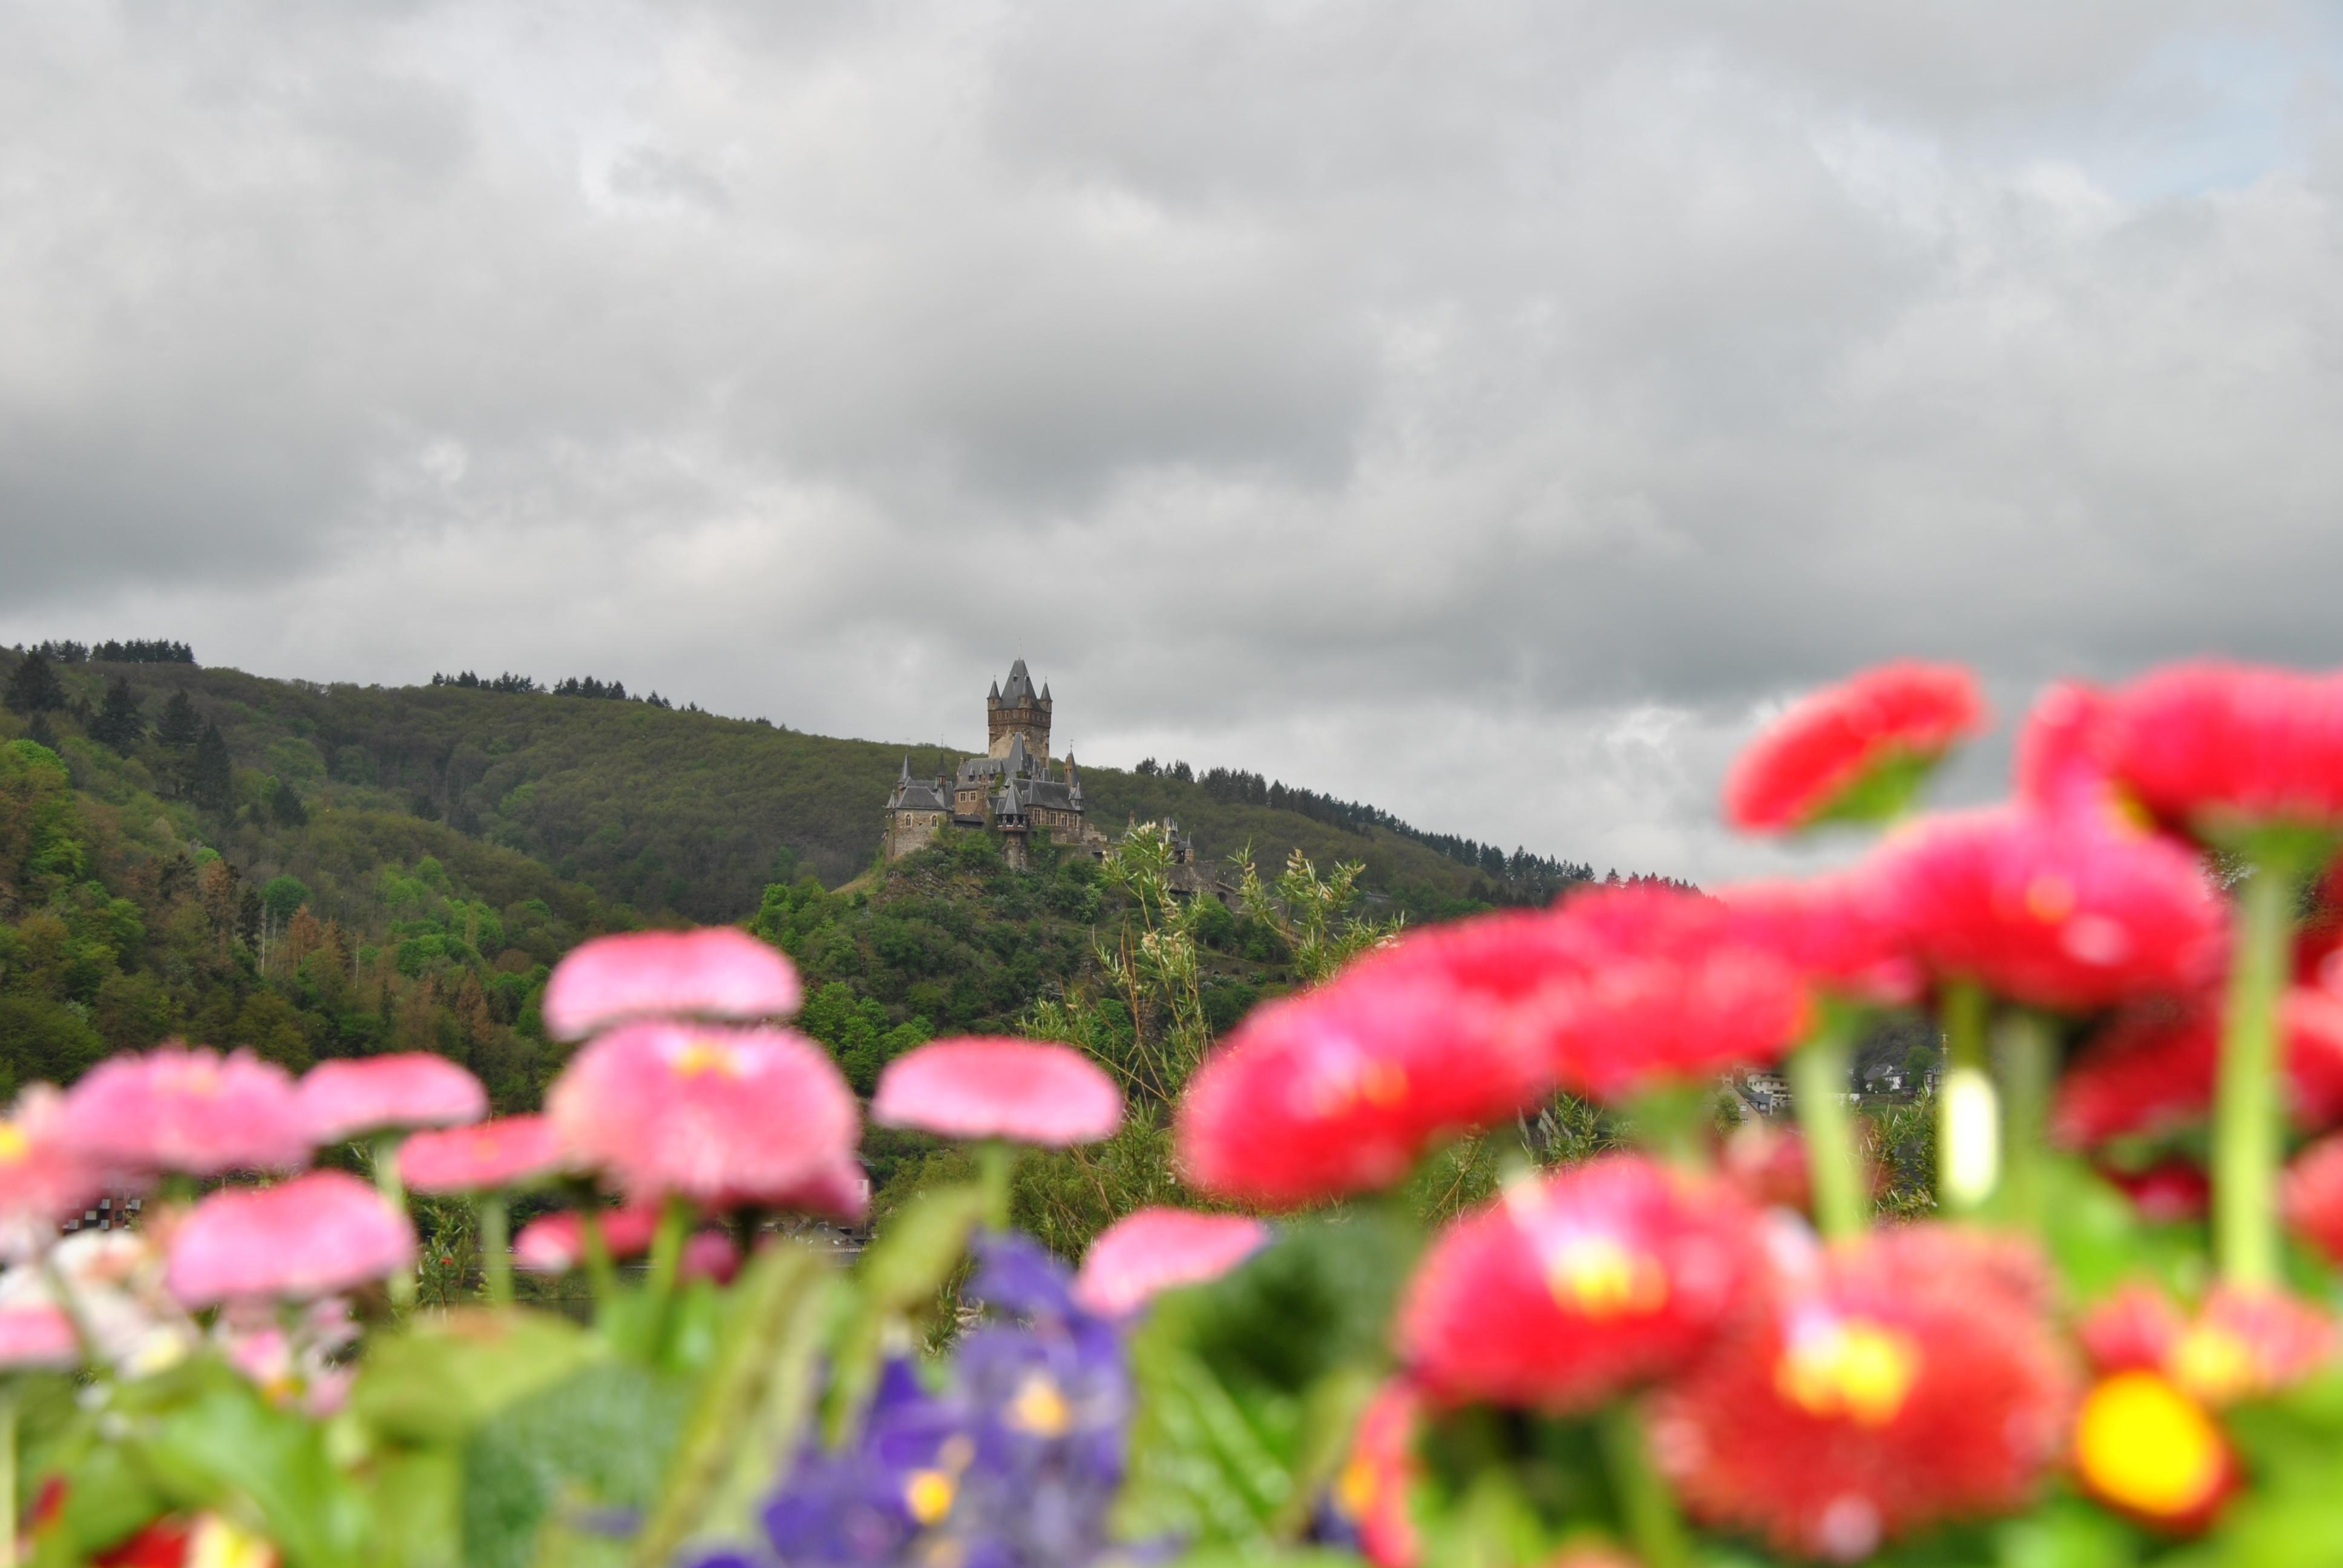 Overnachten in de Moezel regio bij Schloss hotel Petry, Treis-Karden